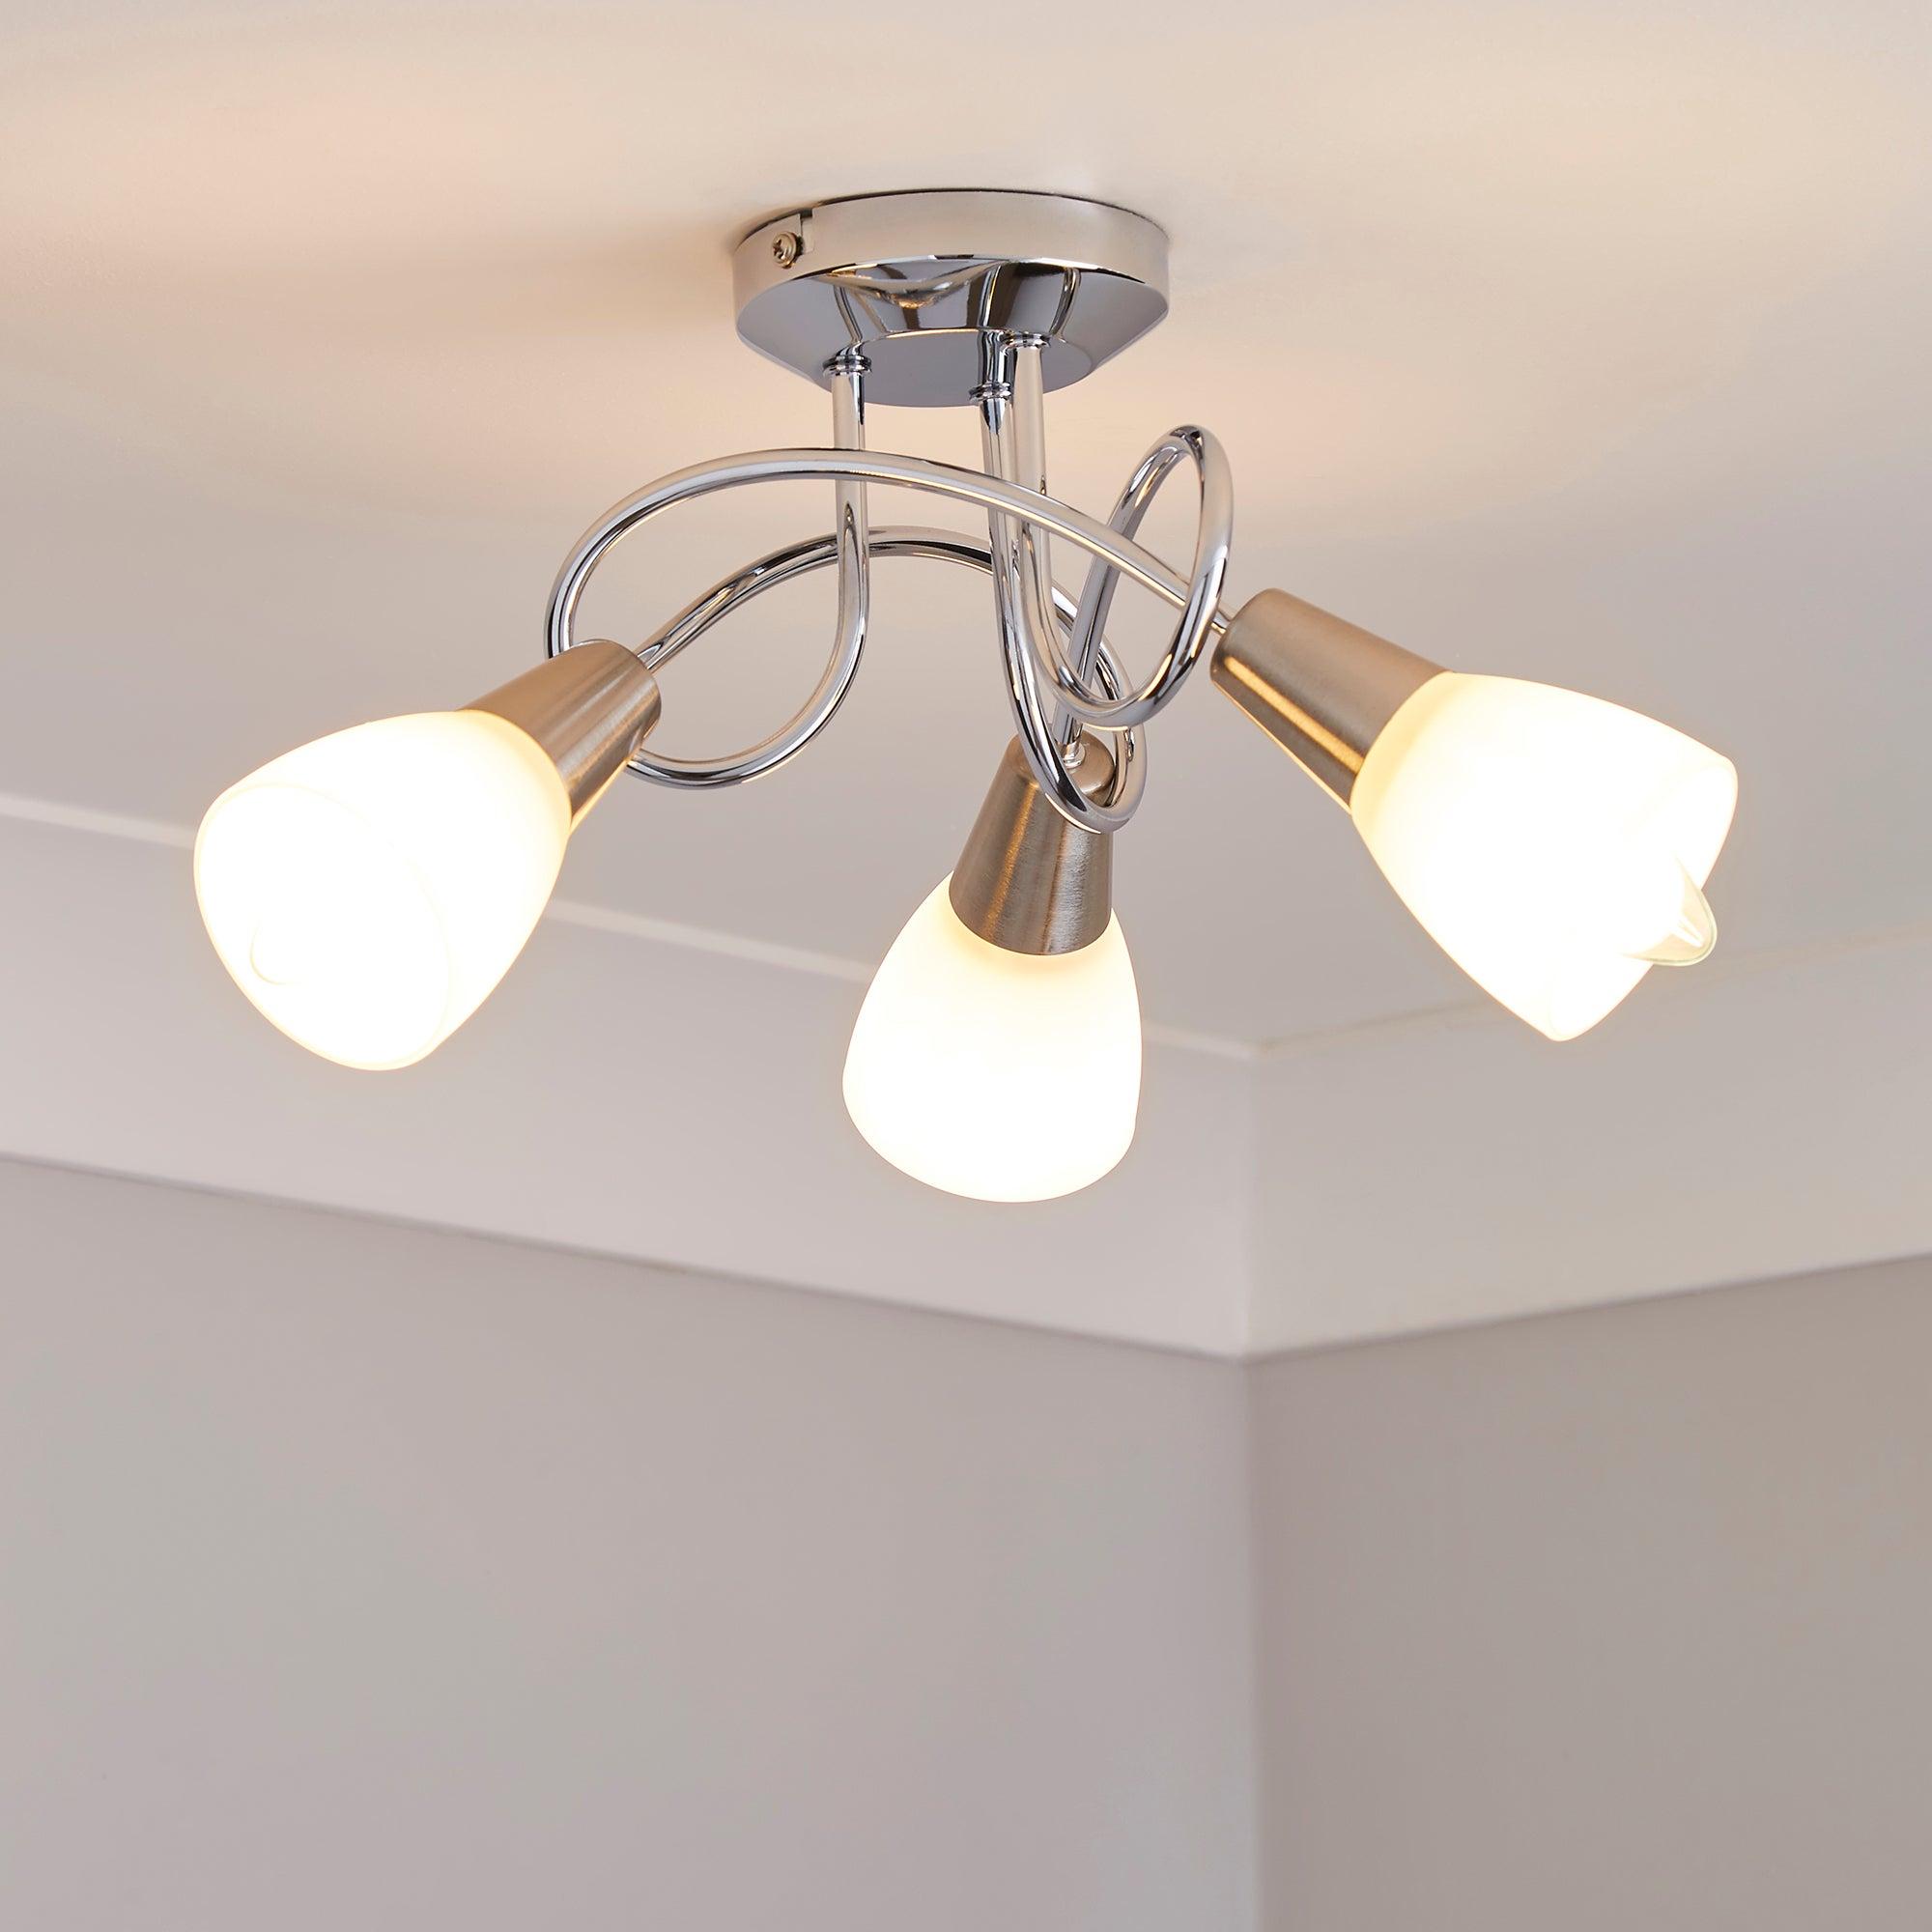 3 Light Chrome Ceiling Fitting